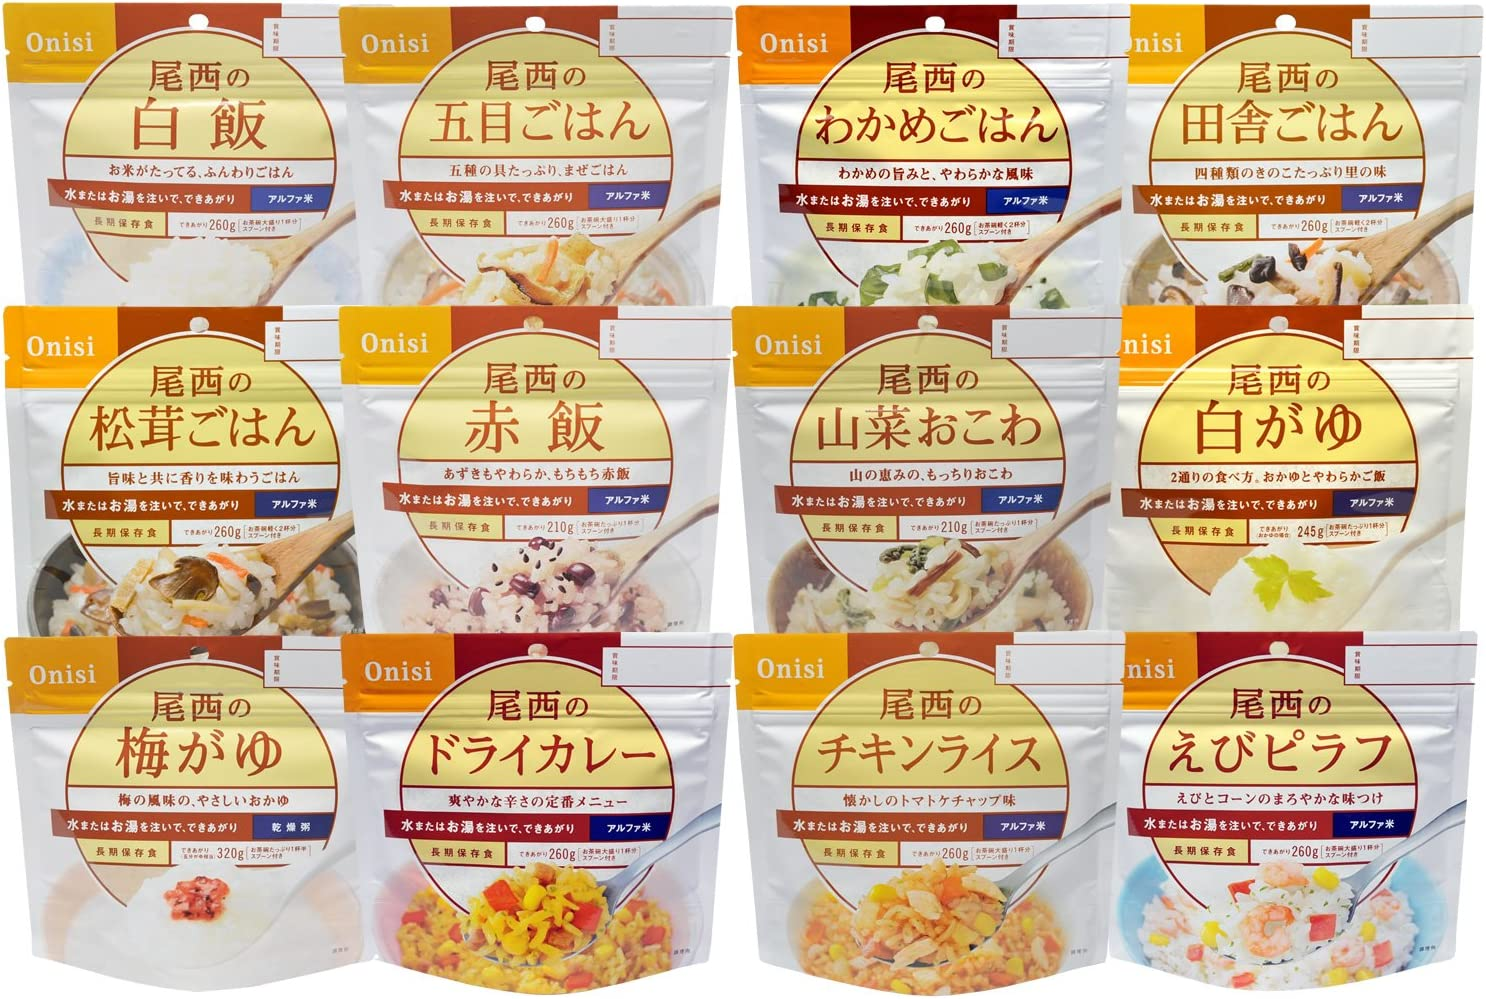 尾西食品 アルファ米12種類全部セット